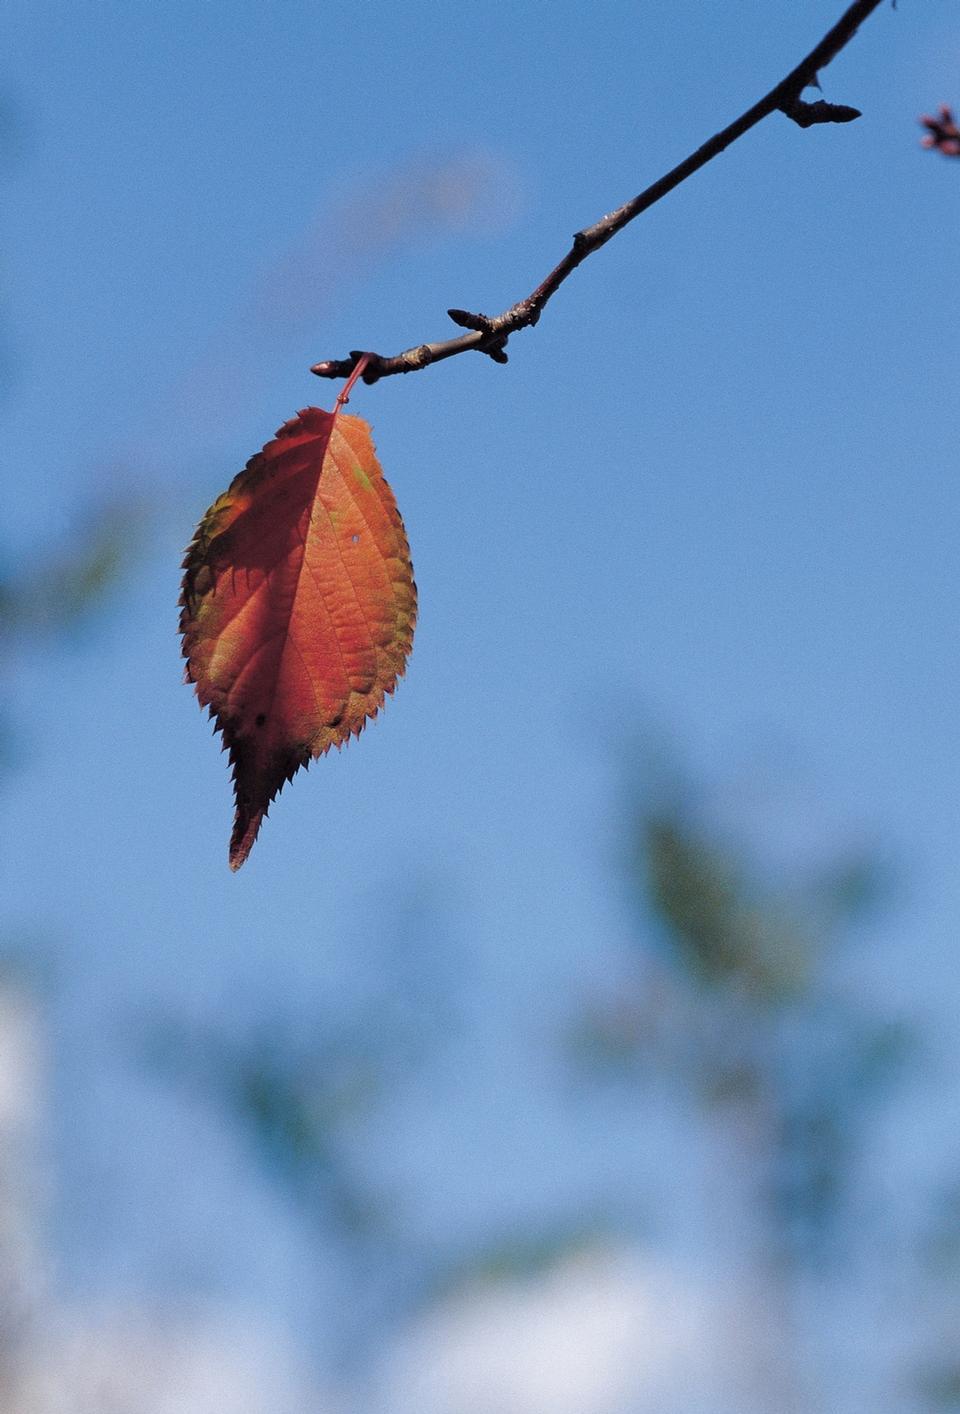 Colorful autumn leave